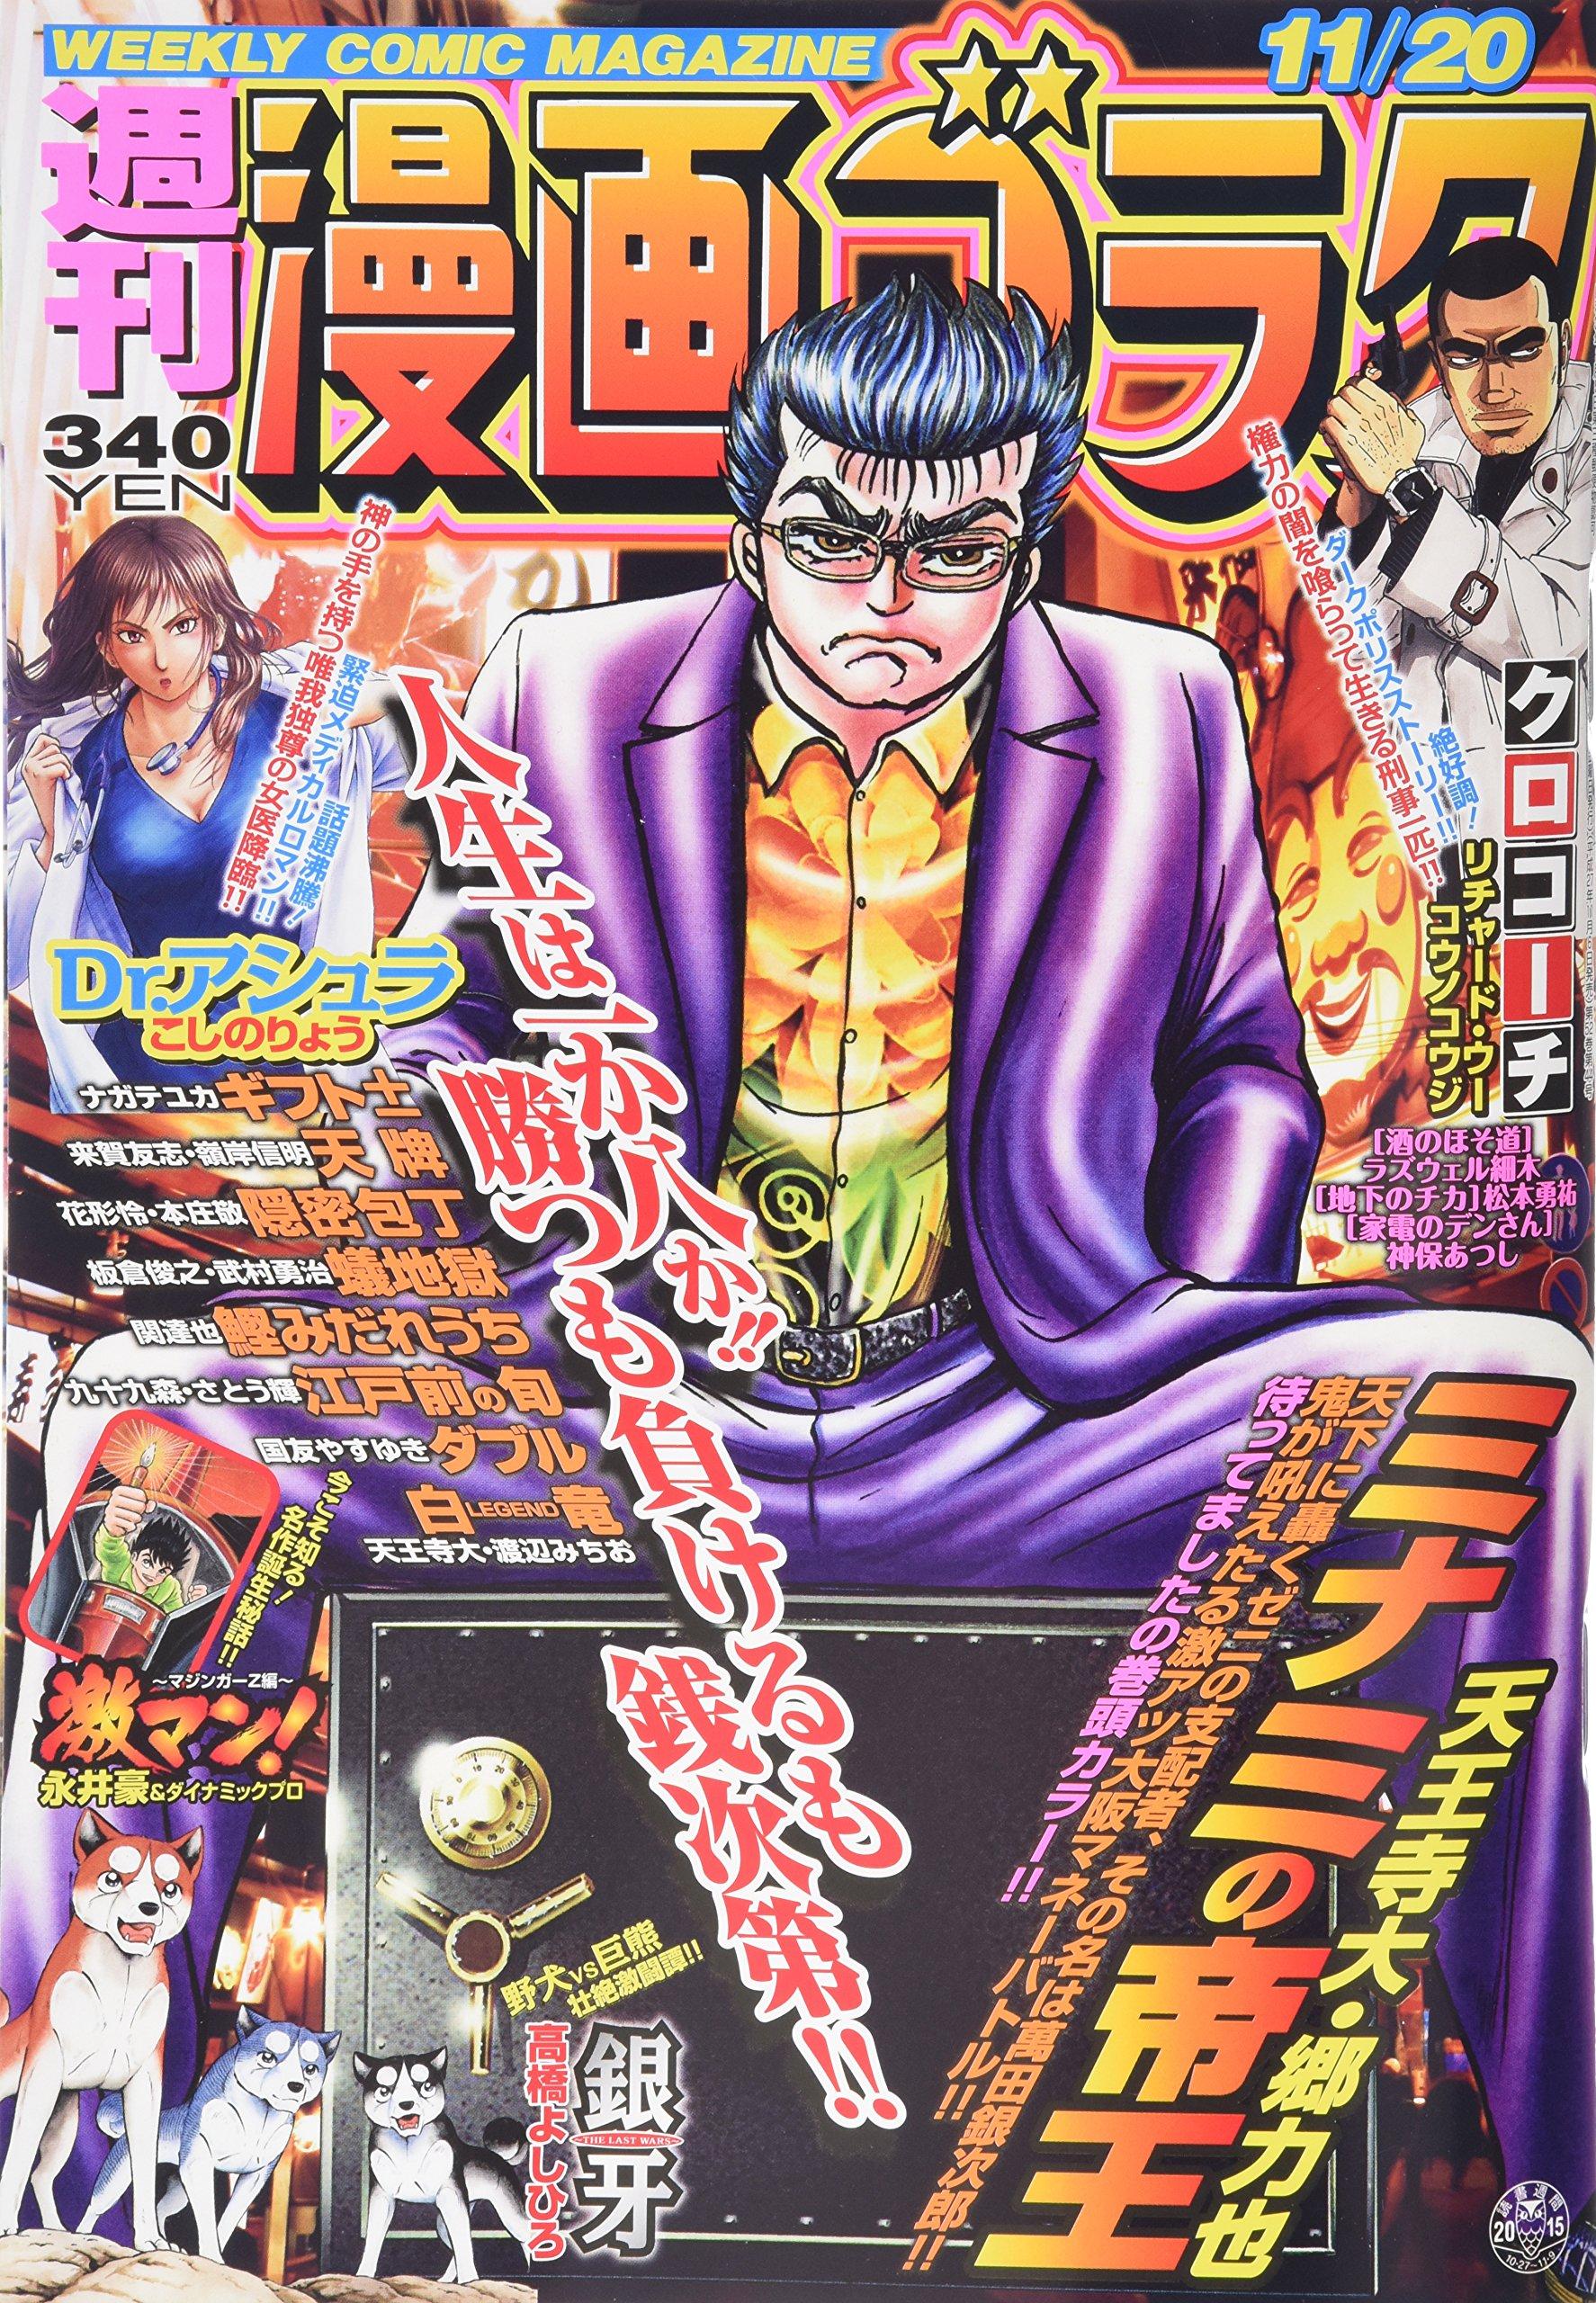 週刊漫画ゴラク 2015年 11/20号